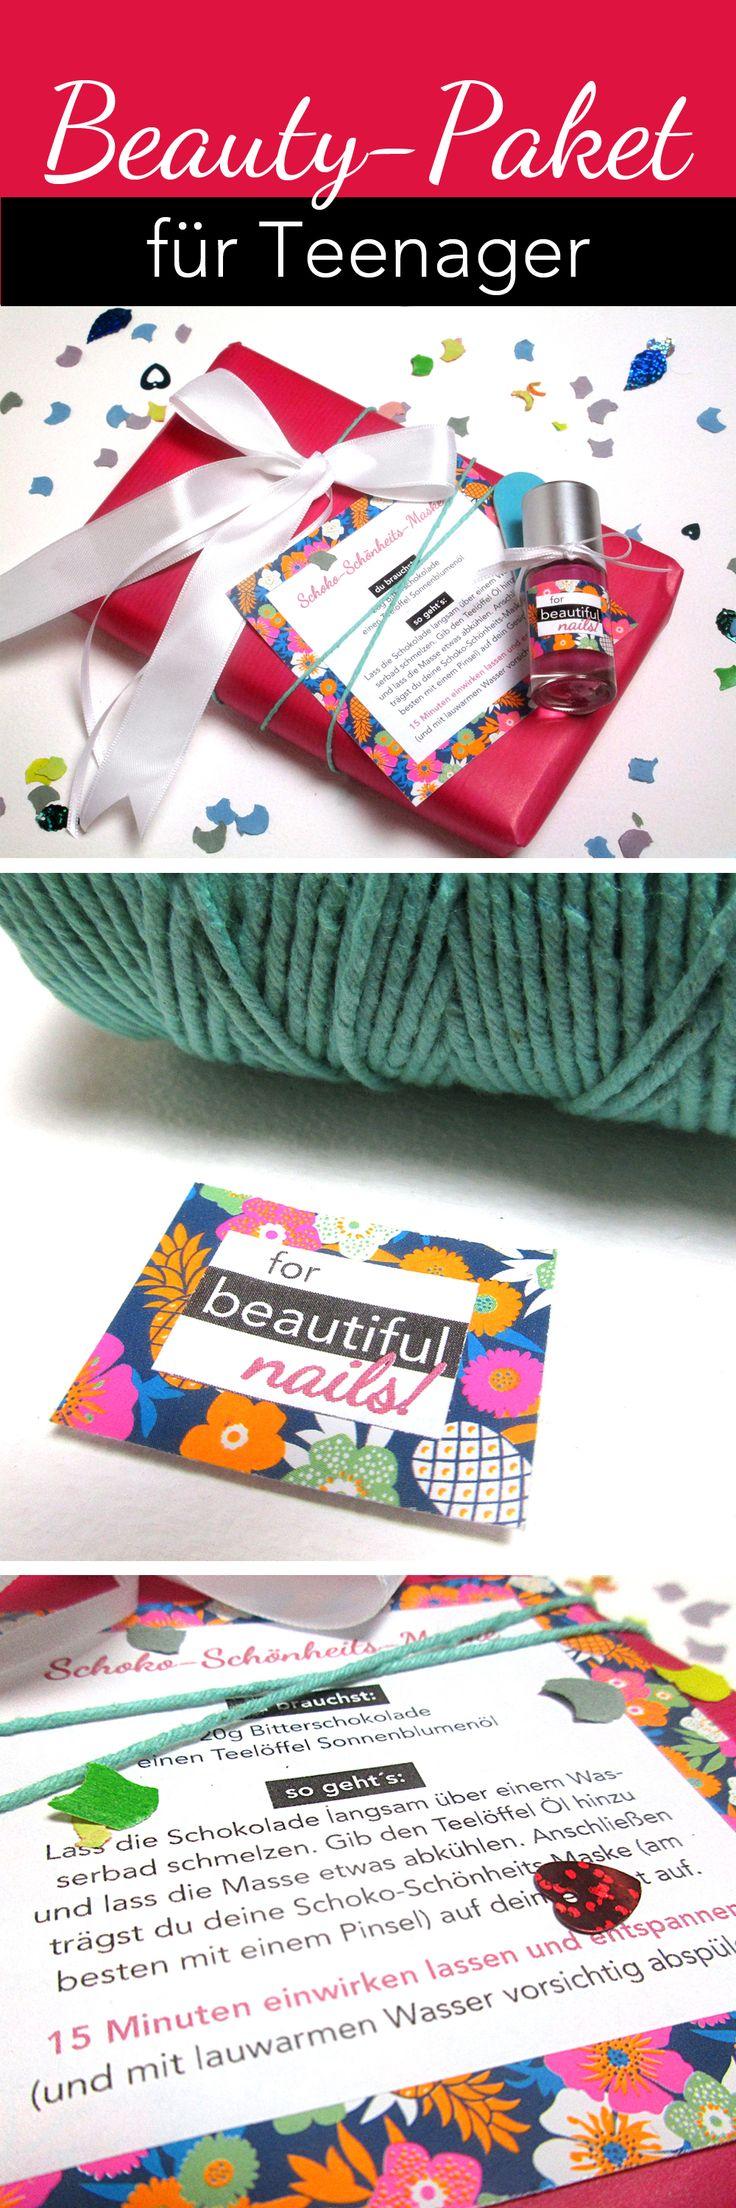 #Geschenkidee für #Teenager: #Beauty-Paket! #Schokolade für die #Schönheit! Wir…